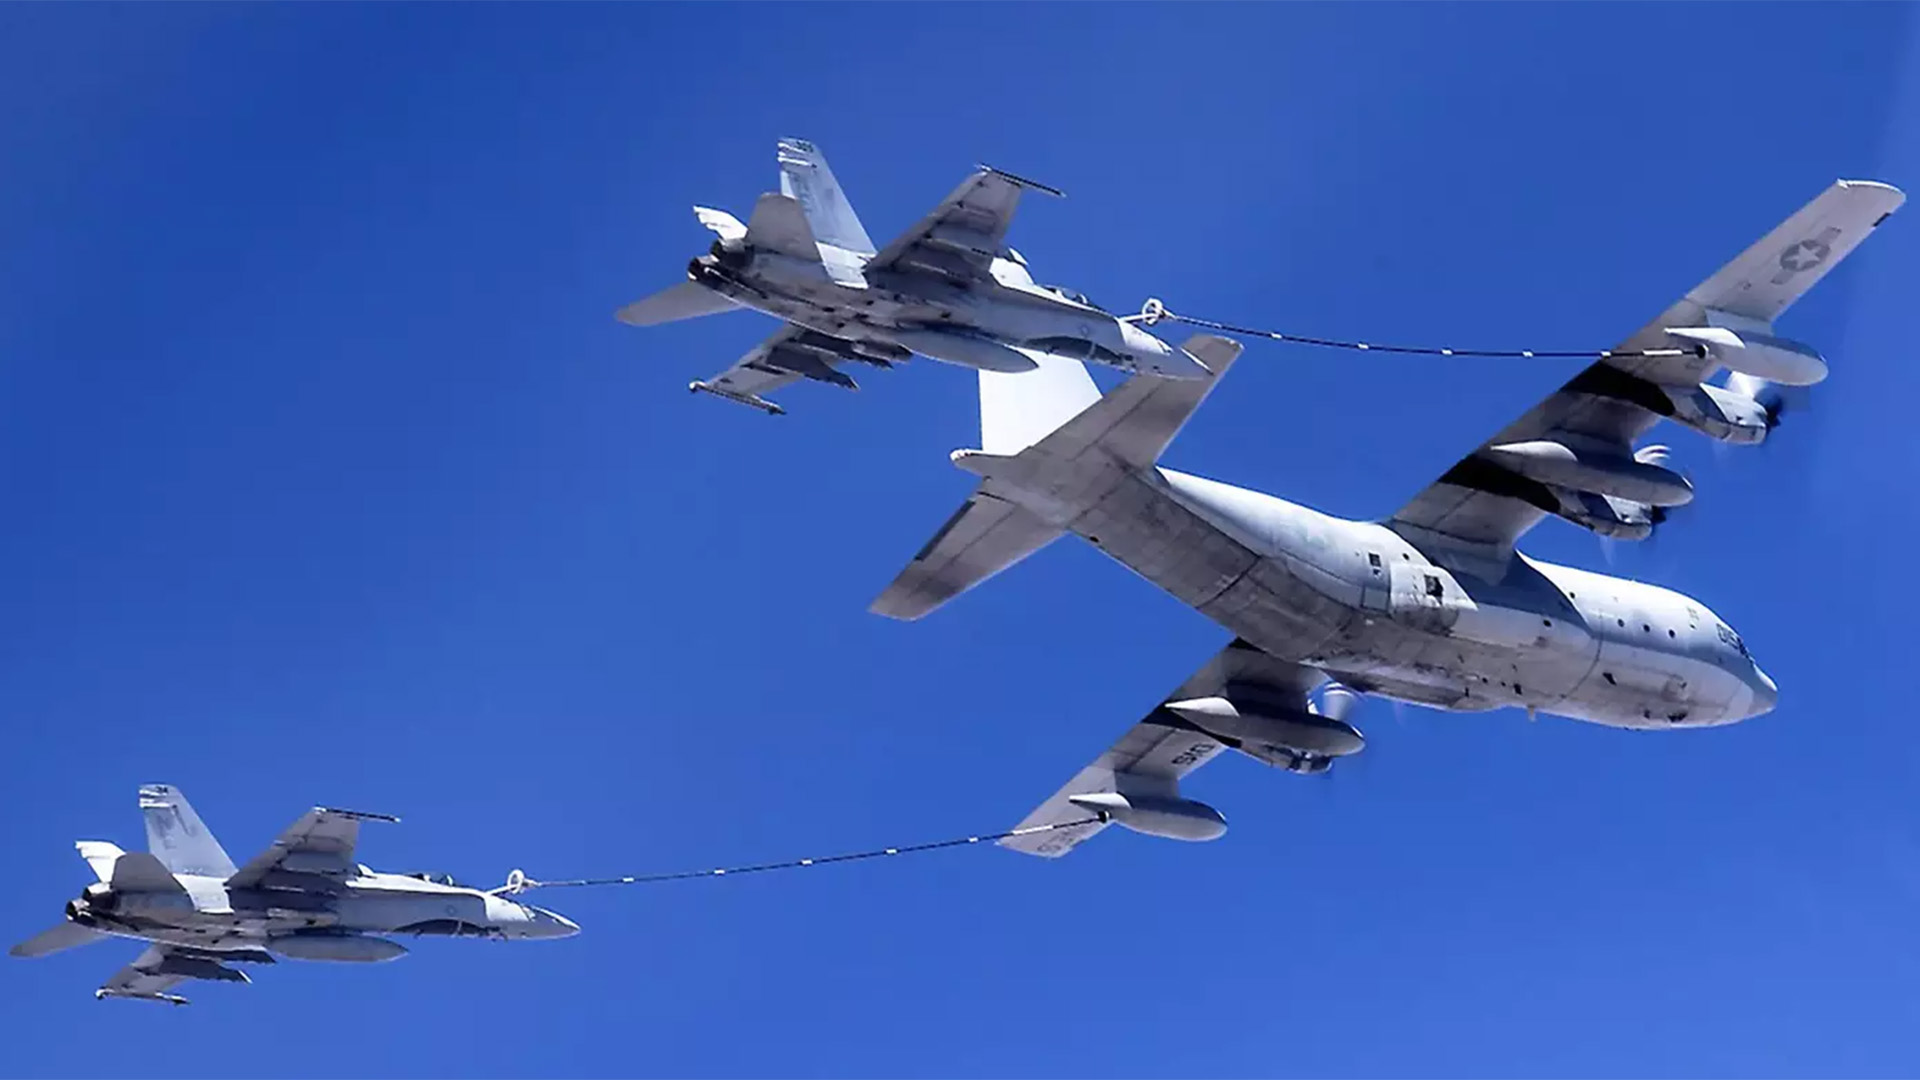 Dos aviones de combate estadounidenses cargan gasolina en el aire.